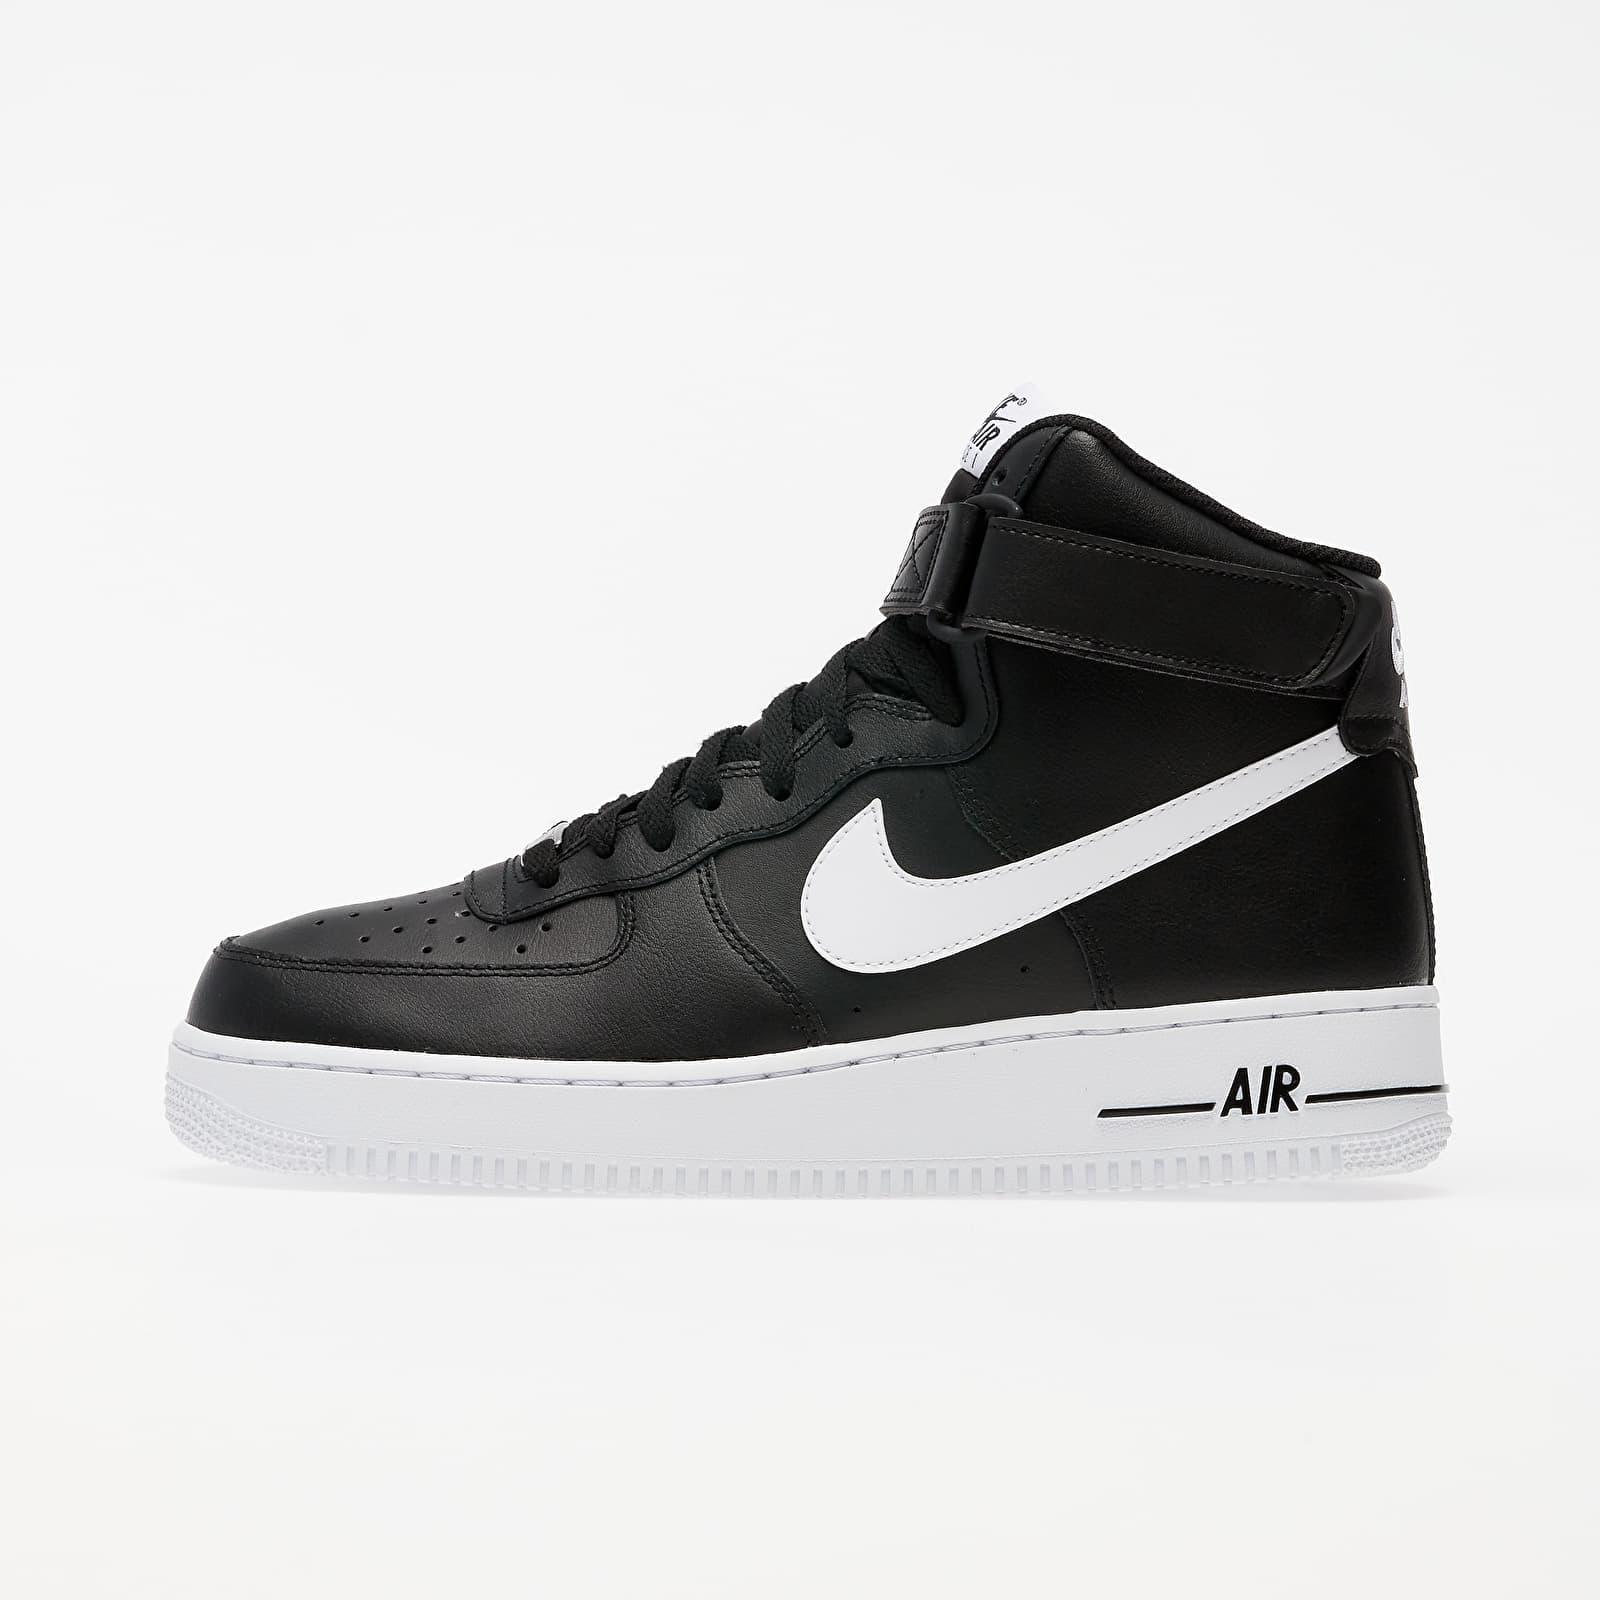 Men's shoes Nike Air Force 1 High '07 An20 Black/ White